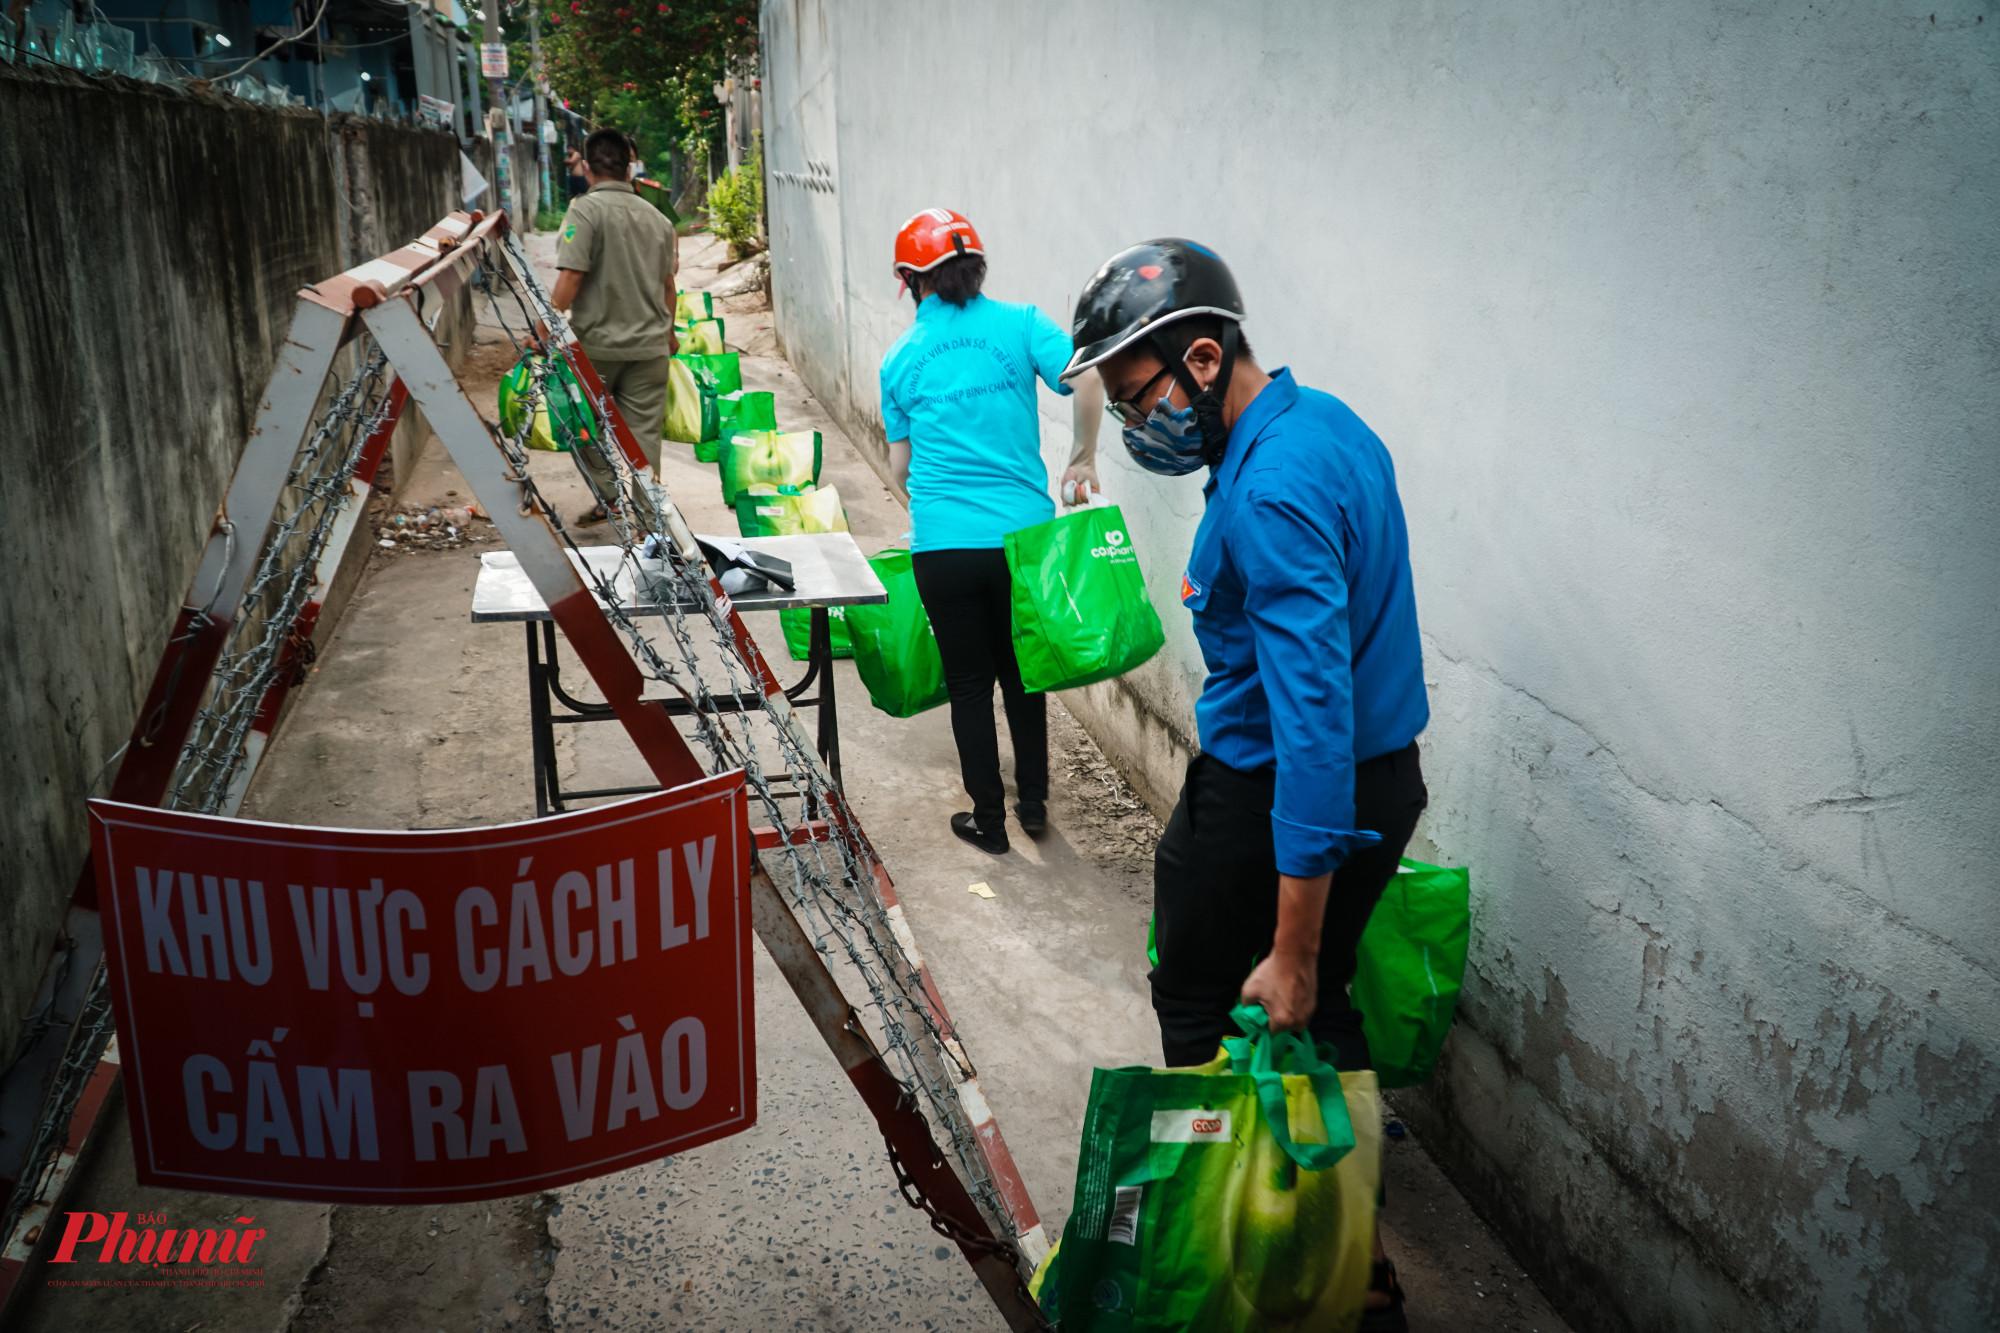 Các đơn vị đã chia ra từng nhóm, gửi lương thực vào trong khu cách ly cho từng hộ dân